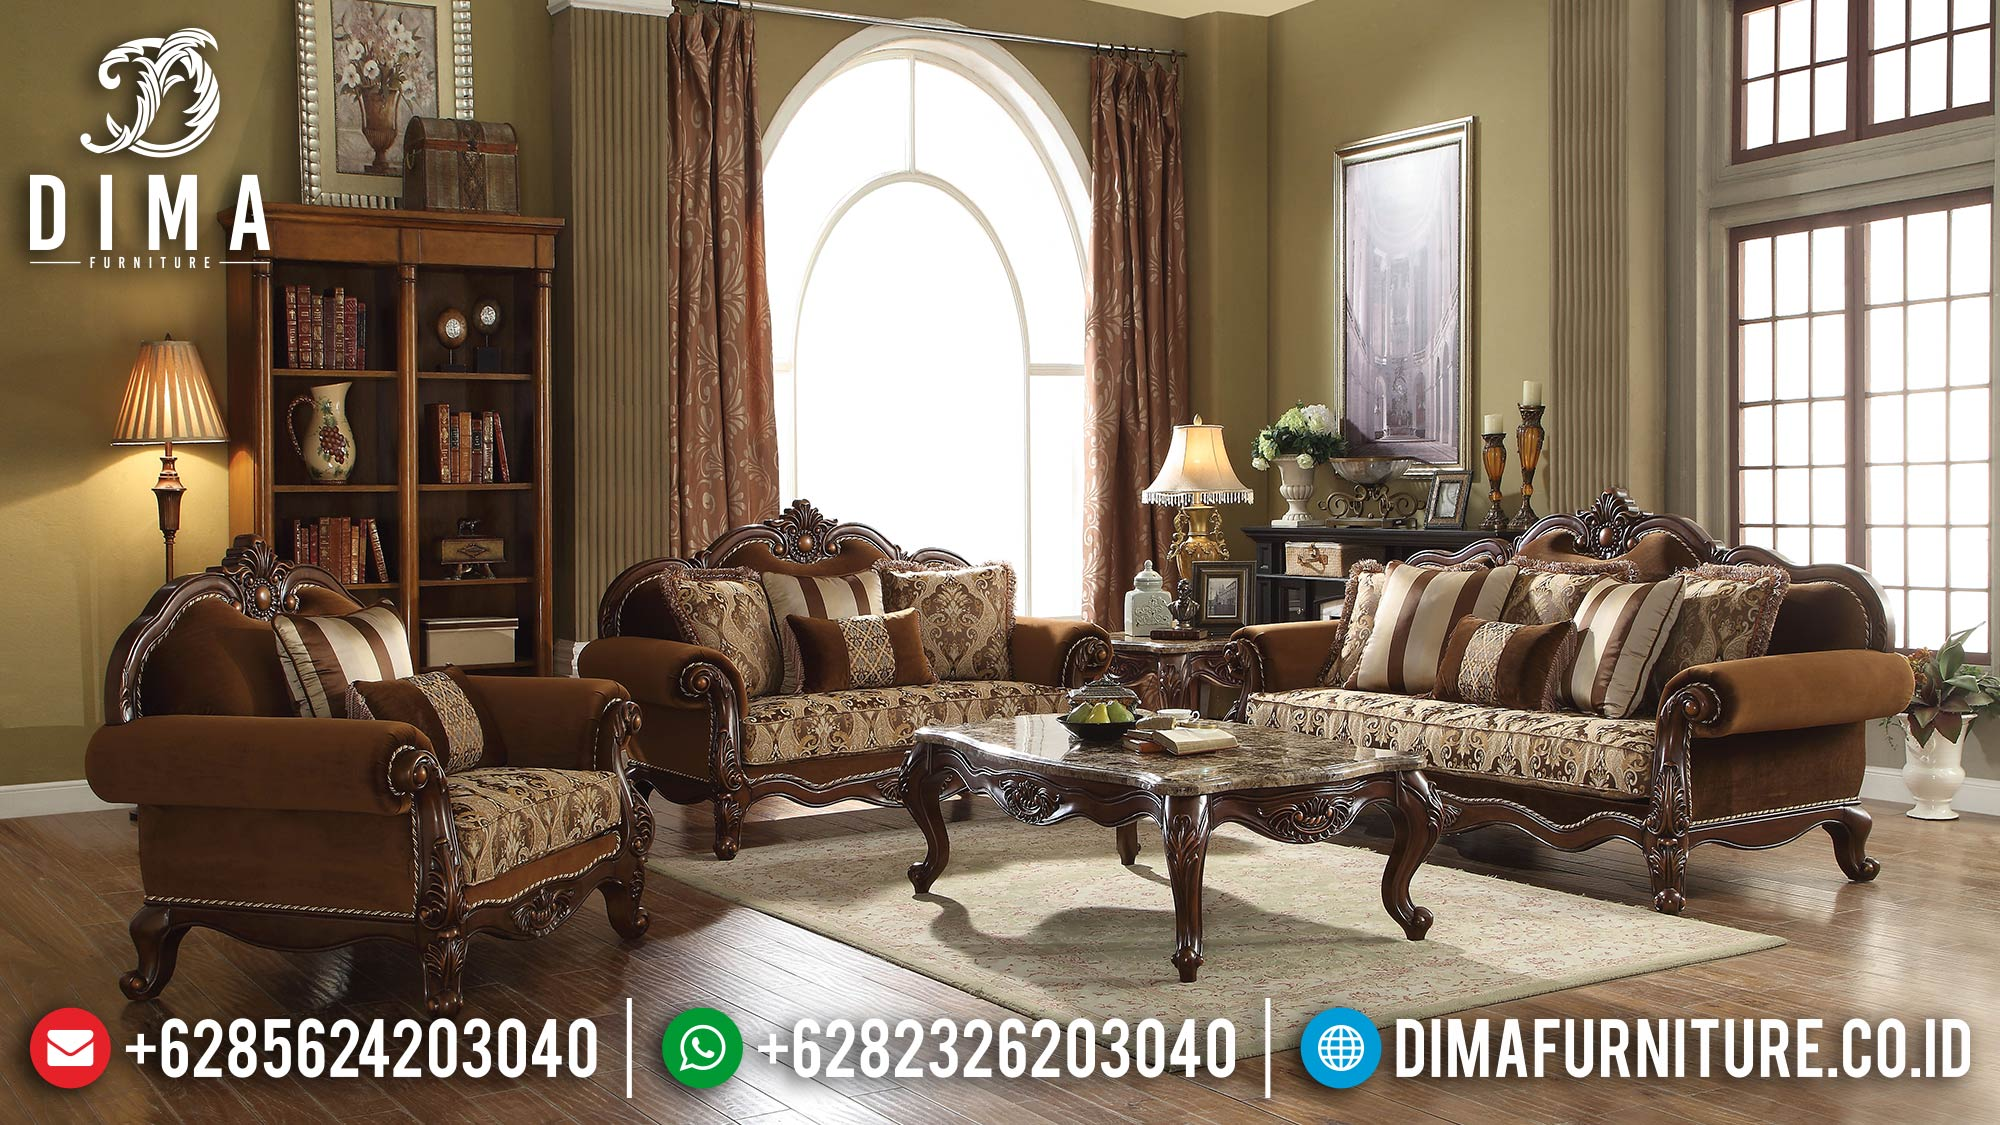 Harga Sofa Tamu Mewah Kayu Jati Luxury Carving Classic Natural Color ST-1312